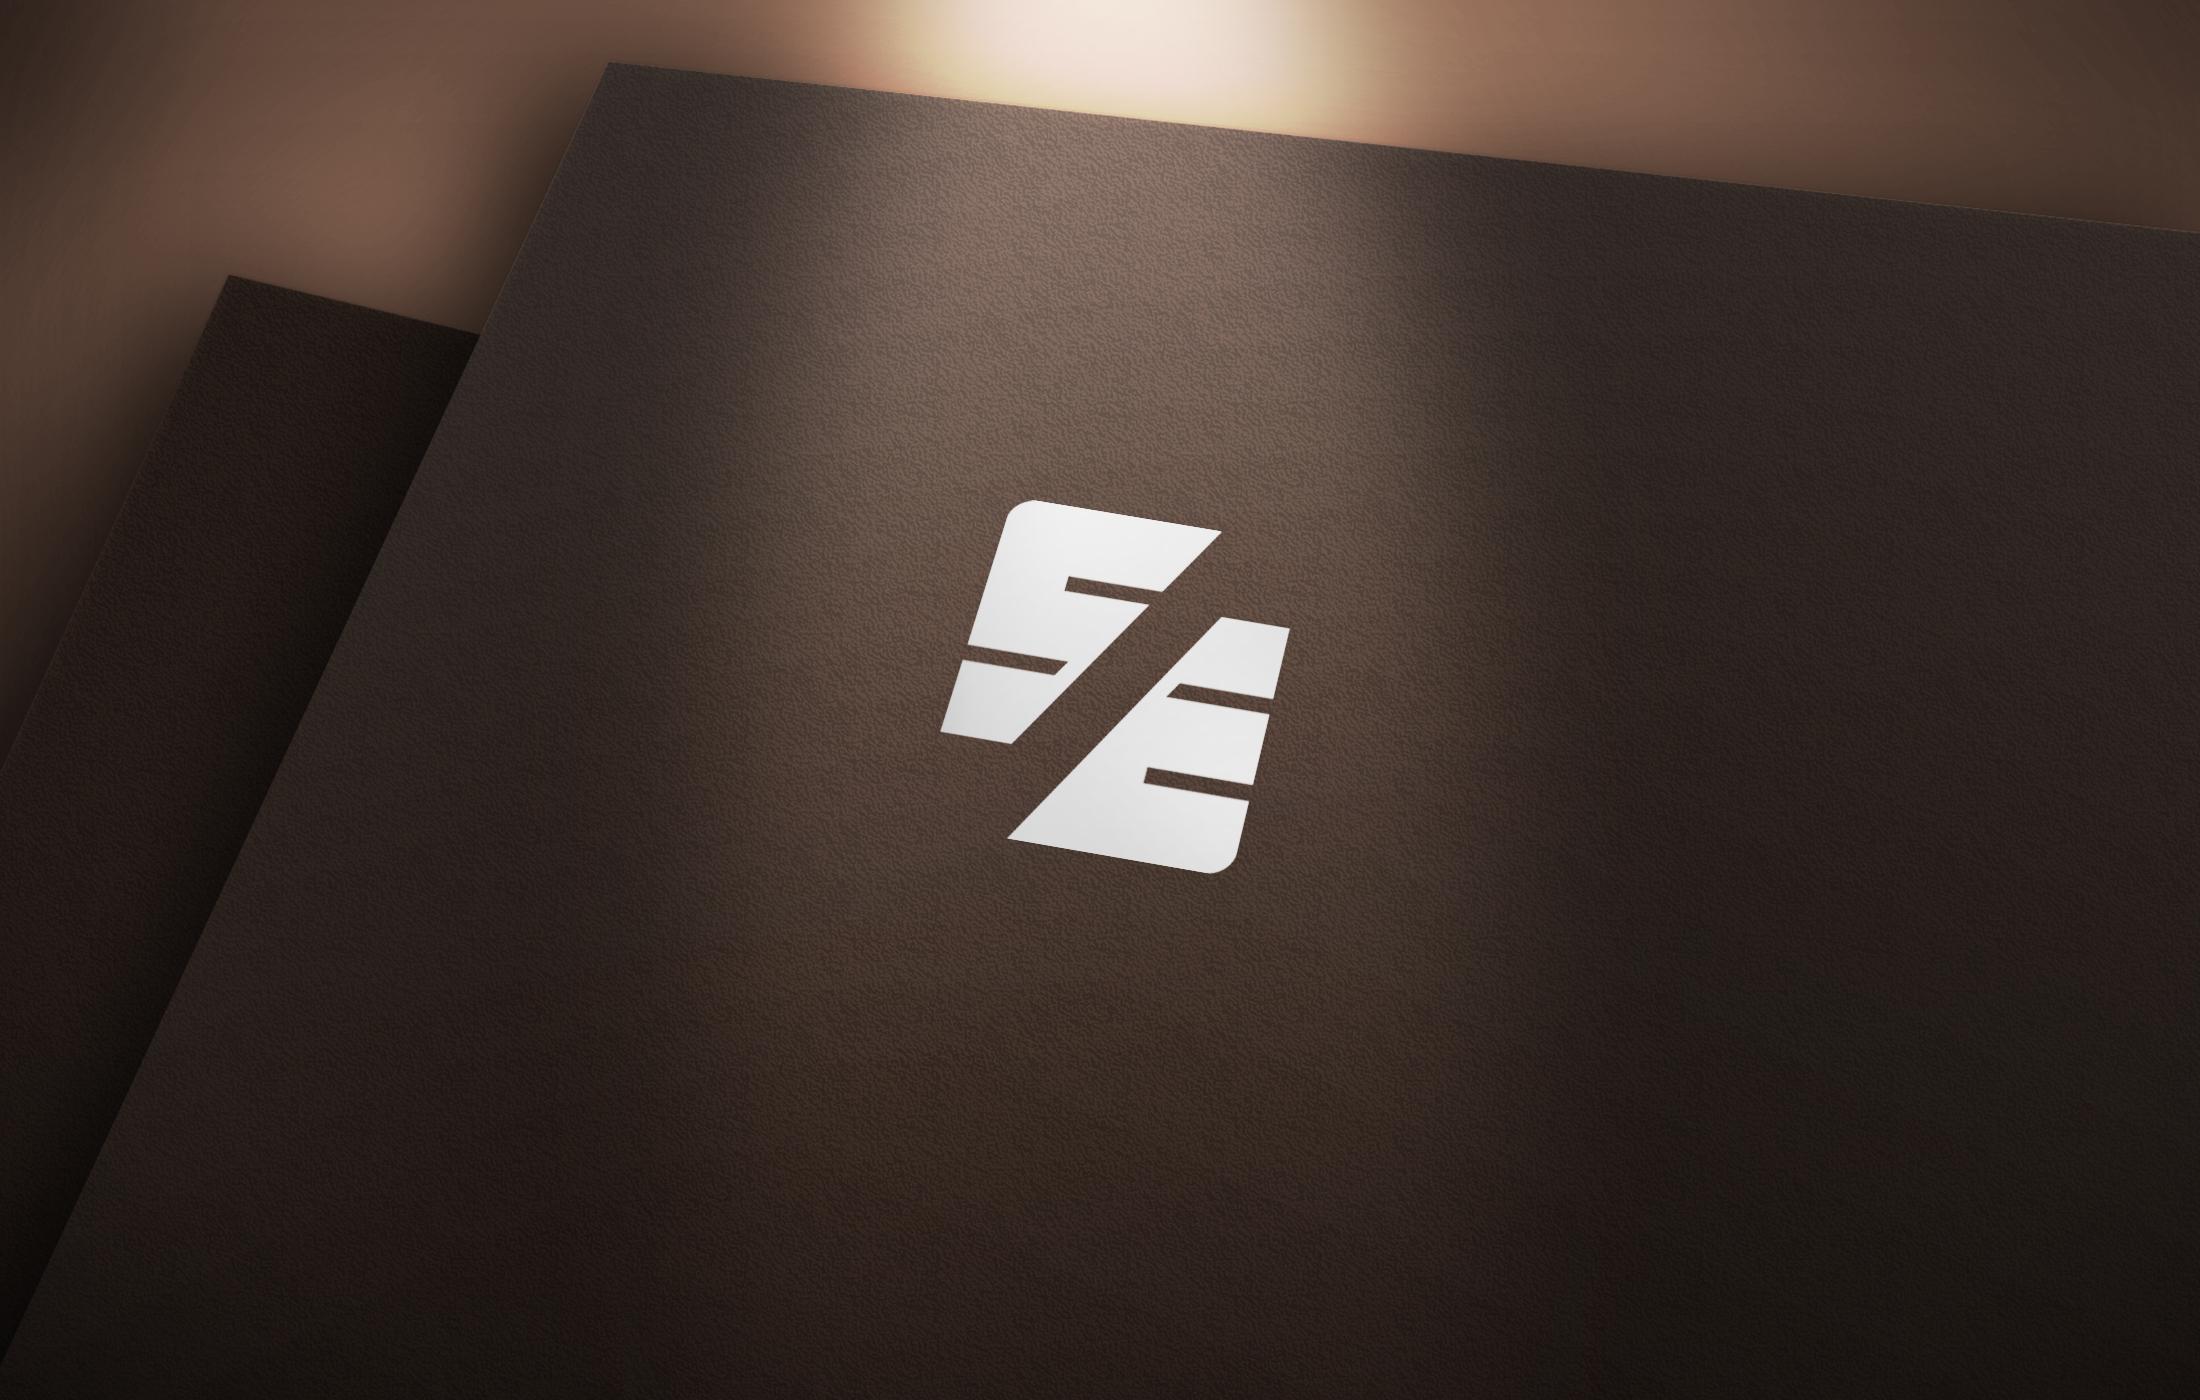 Нарисовать логотип для группы компаний  фото f_7075cdd66d3527b0.jpg